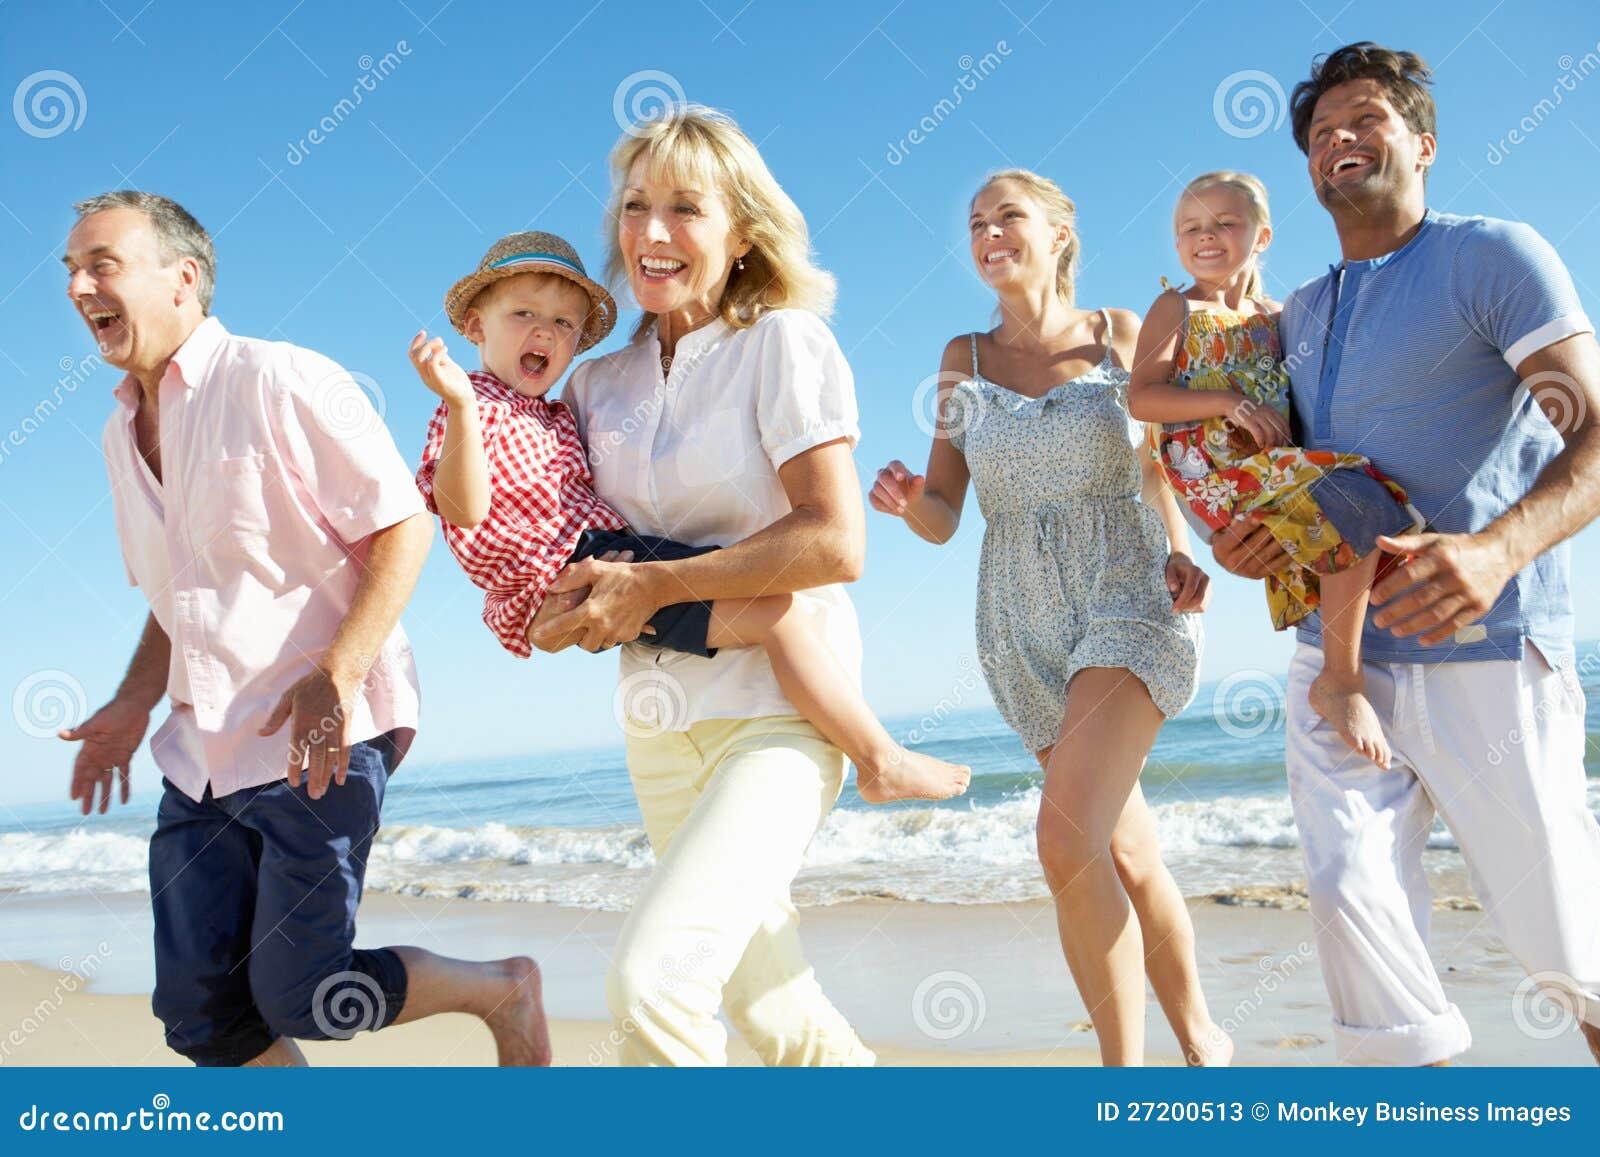 Πολυ οικογένεια παραγωγής που απολαμβάνει τις παραθαλάσσιες διακοπές